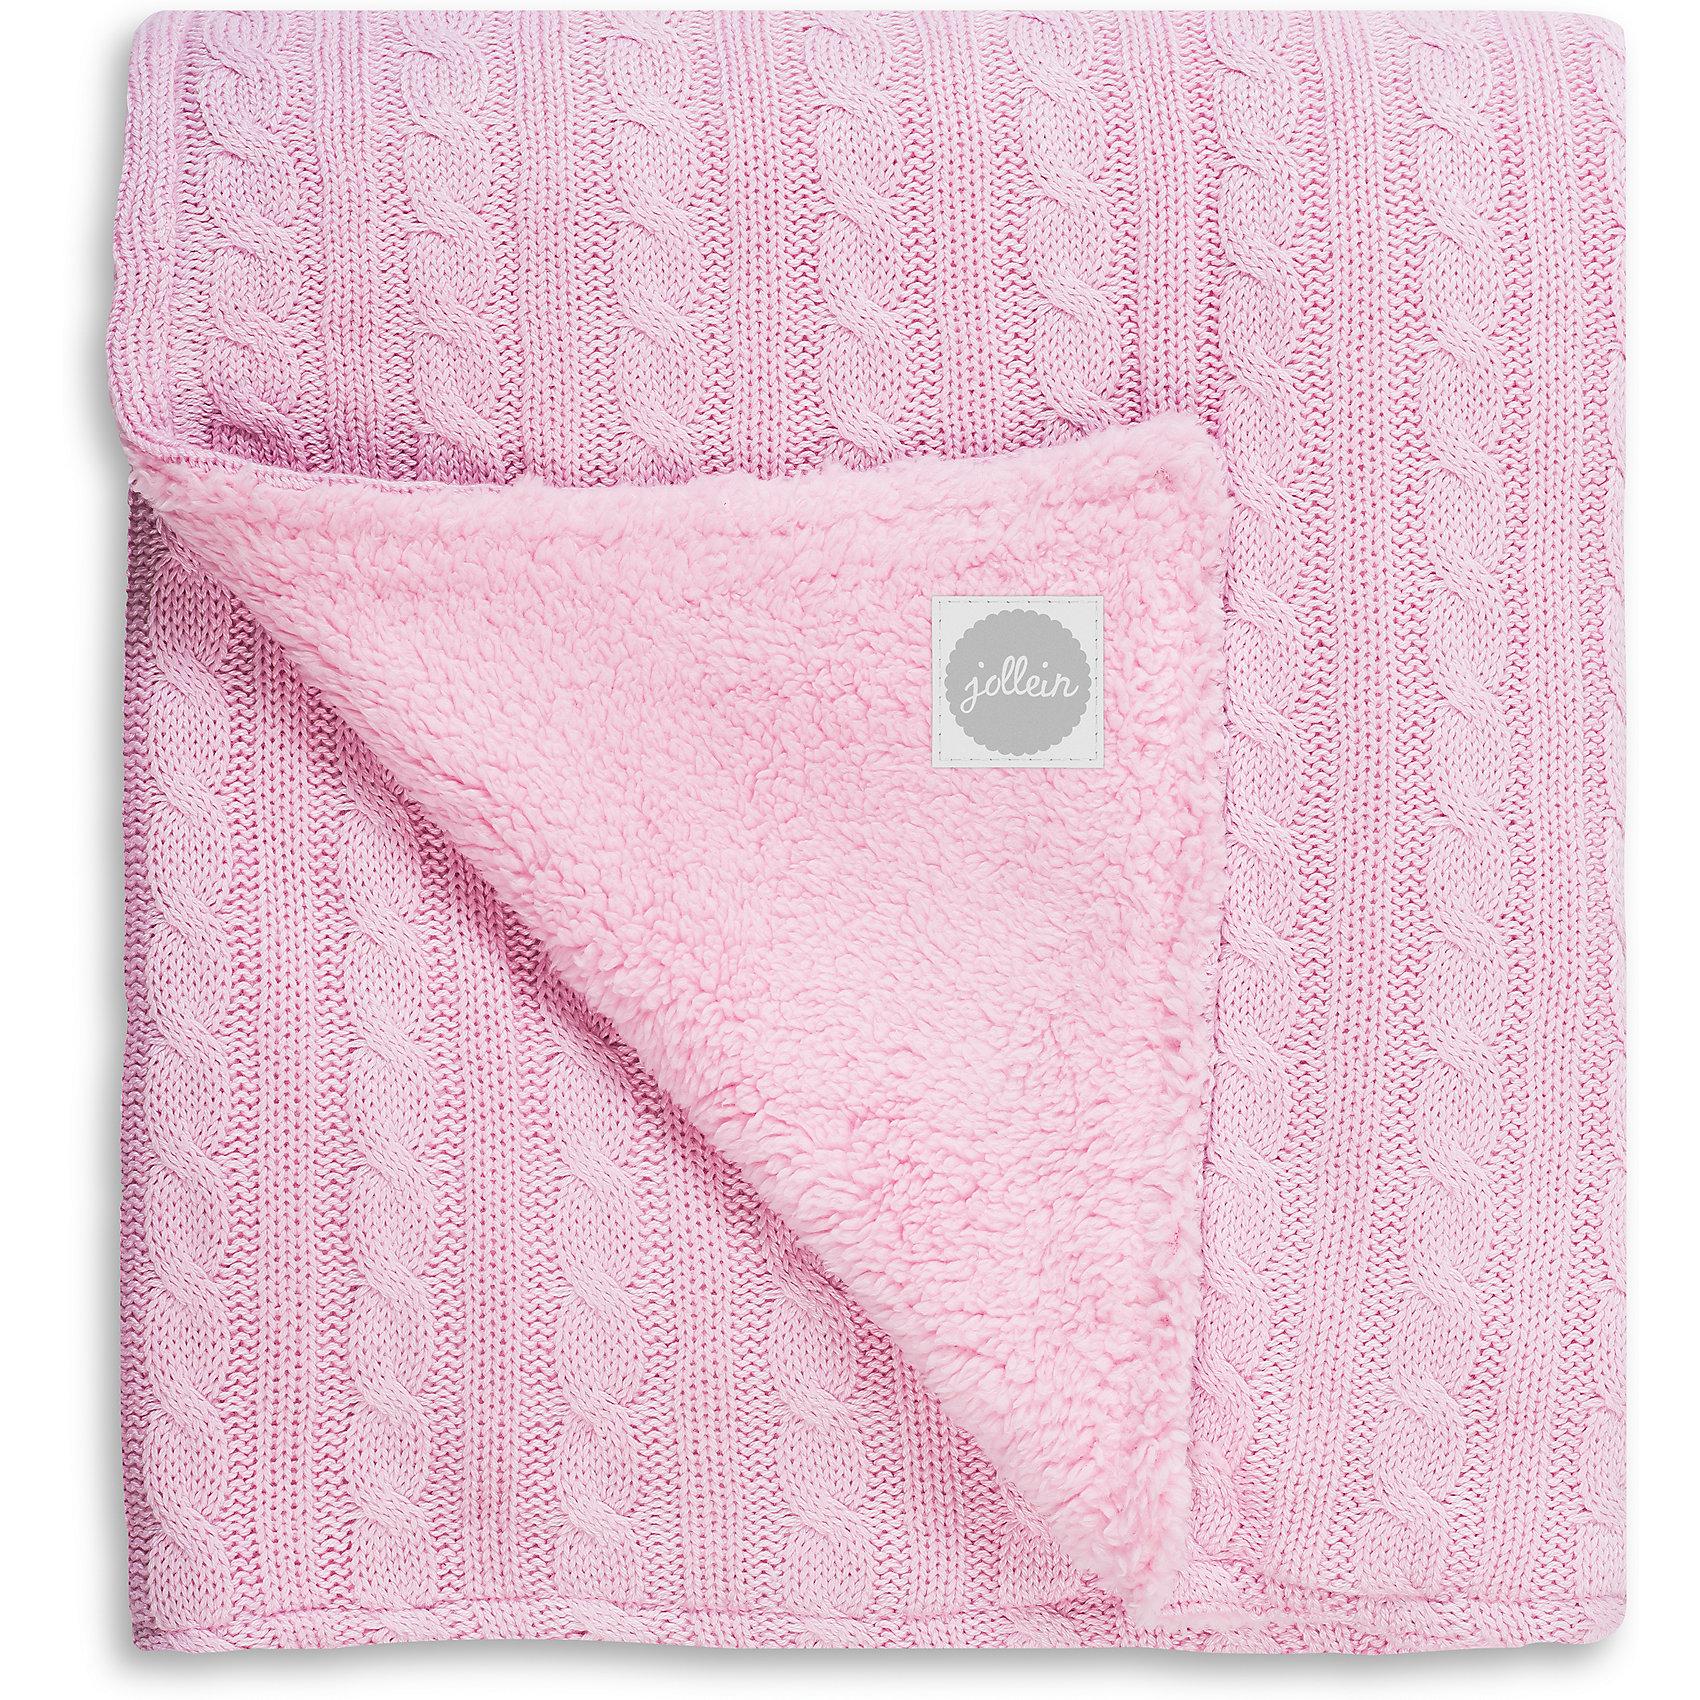 Вязаный плед (косичка) с мехом 100х150 см, Jollein, Light pinkРоскошный вязаный плед с мехом обеспечит Вашему малышу тепло и уют в прохладную погоду. Сочетание меха и вязанных кос смотрится очень модно и стильно. Ваш малыш будет смотреться эффектно и празднично. Украсьте таким пледом детскую кроватку, коляску. Отличный подарок на рождение, на выписку. Состав: 50 % хлопок, 50 % акрил, мех из мягкой шерпы (искусственный мех). В сочетании хлопка с акрилом акрил делает плед теплее, прочнее, легче и практичнее. Акрил называют искусственной шерстью. Сама ткань (акрил) обладает гипоаллергенными и антибактериальными свойствами. Ко всему тому, акрил имеет свойство не притягивать пыль, а потому использование пледа из такого материала будет прекрасным выходом из ситуации для аллергиков - он легче отстирывается и быстрее сохнет. А хлопок улучшает гигроскопичность и дышащие качества такого пледа. Размер: 100х150см. Уход: рекомендуется стирка при 40 градусах.<br><br>Ширина мм: 260<br>Глубина мм: 320<br>Высота мм: 100<br>Вес г: 1010<br>Возраст от месяцев: 0<br>Возраст до месяцев: 36<br>Пол: Унисекс<br>Возраст: Детский<br>SKU: 5367182